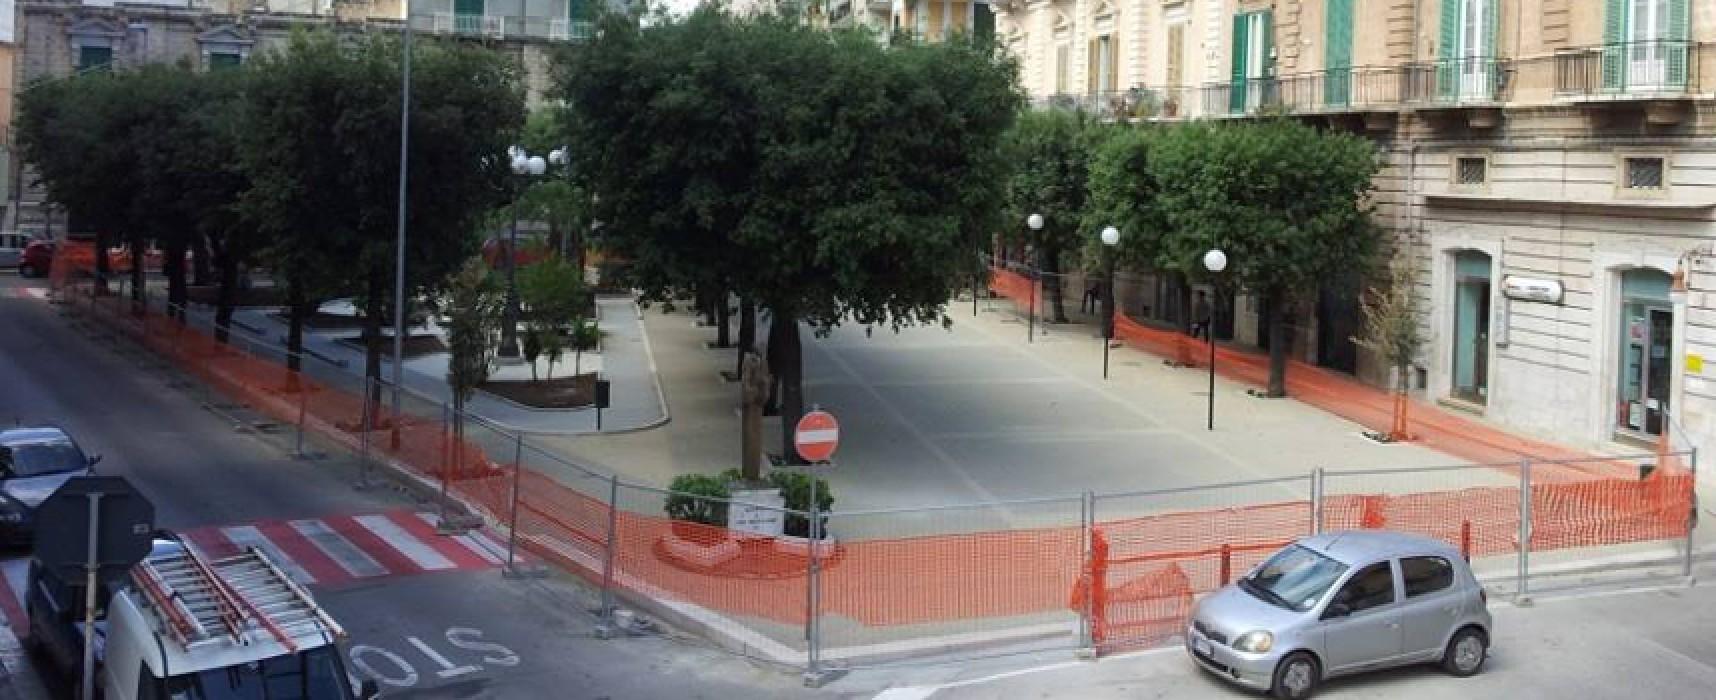 Ultimazione lavori riqualificazione piazza san Francesco, domani riapertura ufficiale